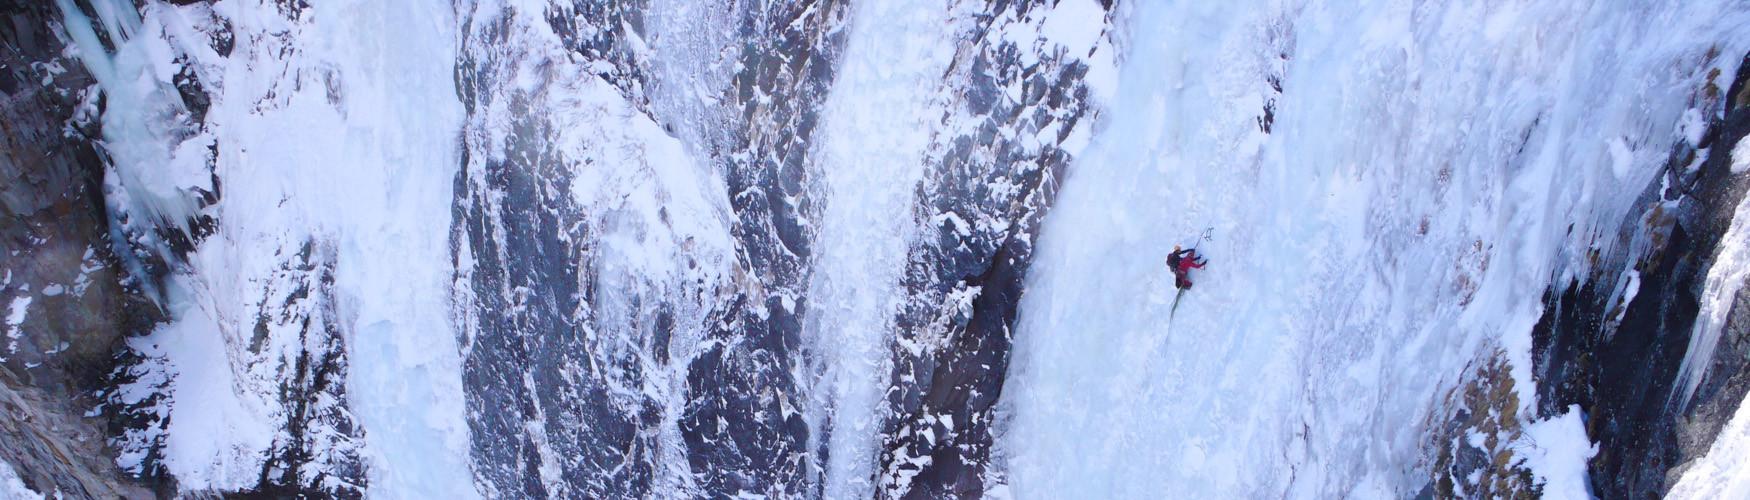 Mordor Bergführer, Holyday on ice Eisklettern, Schleierfall Eisklettern, Bergführer Tirol